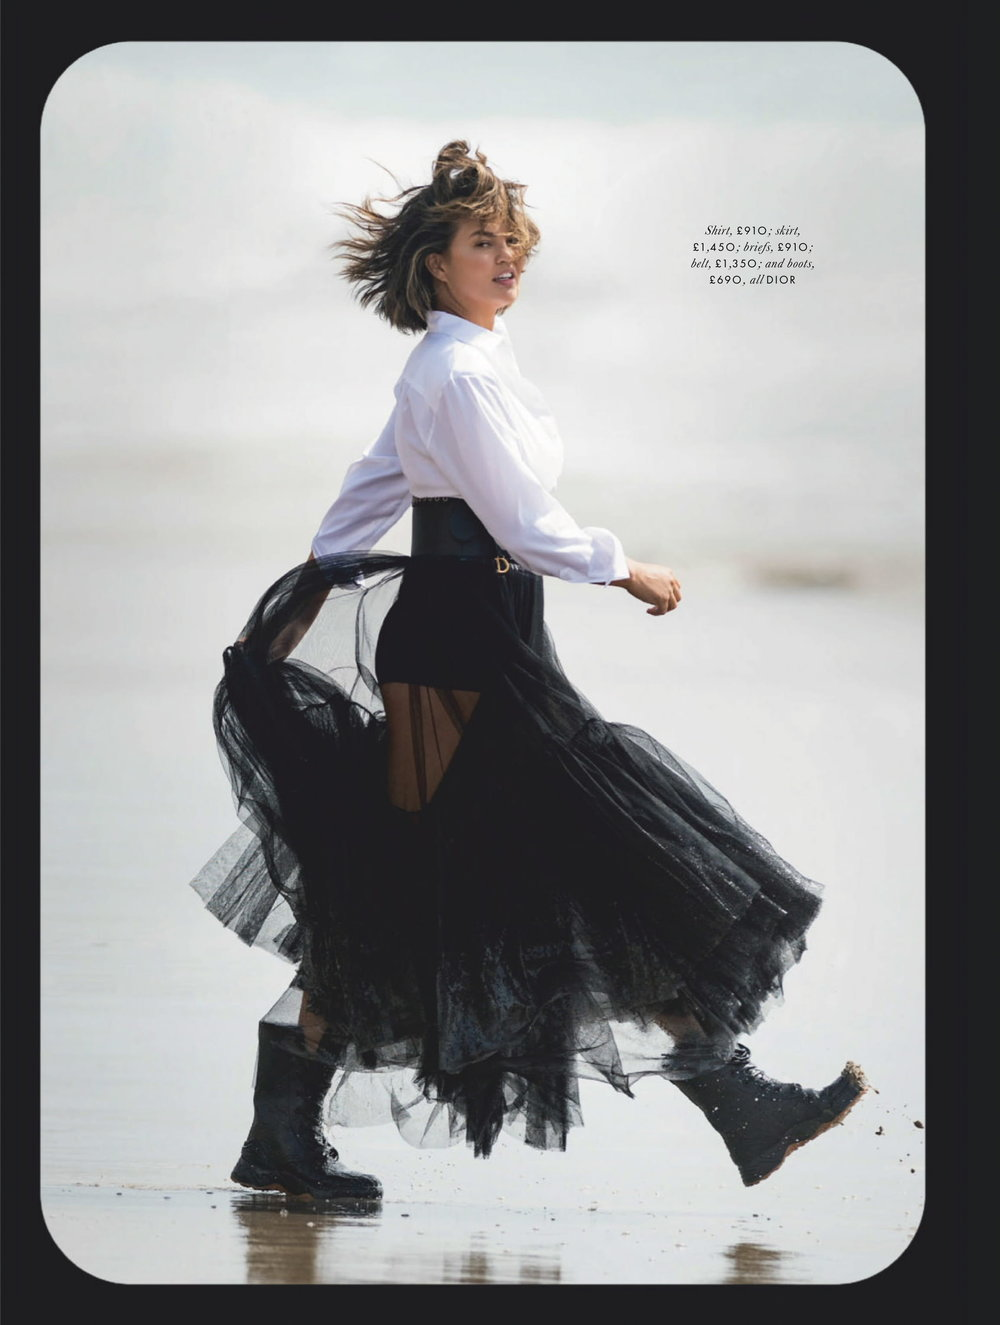 Chrissy Teigen by Gilles Bensimon for ELLE UK Jan 2019 (5).jpg